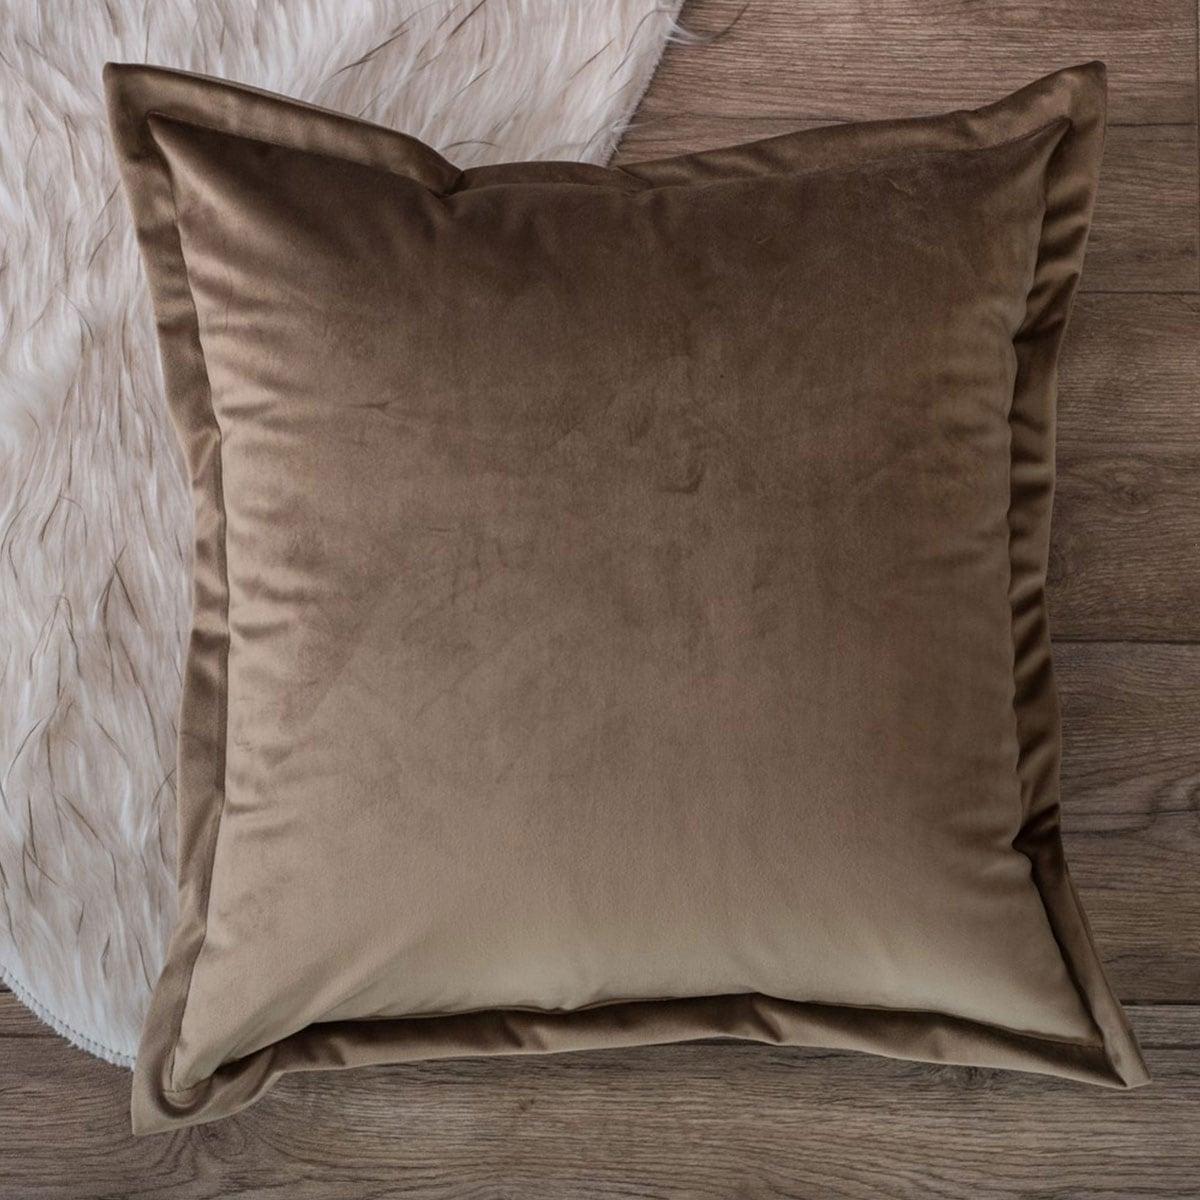 Μαξιλαροθήκη Διακοσμητική Velvet 02 Beige Teoran 45X45 100% Ακρυλικό